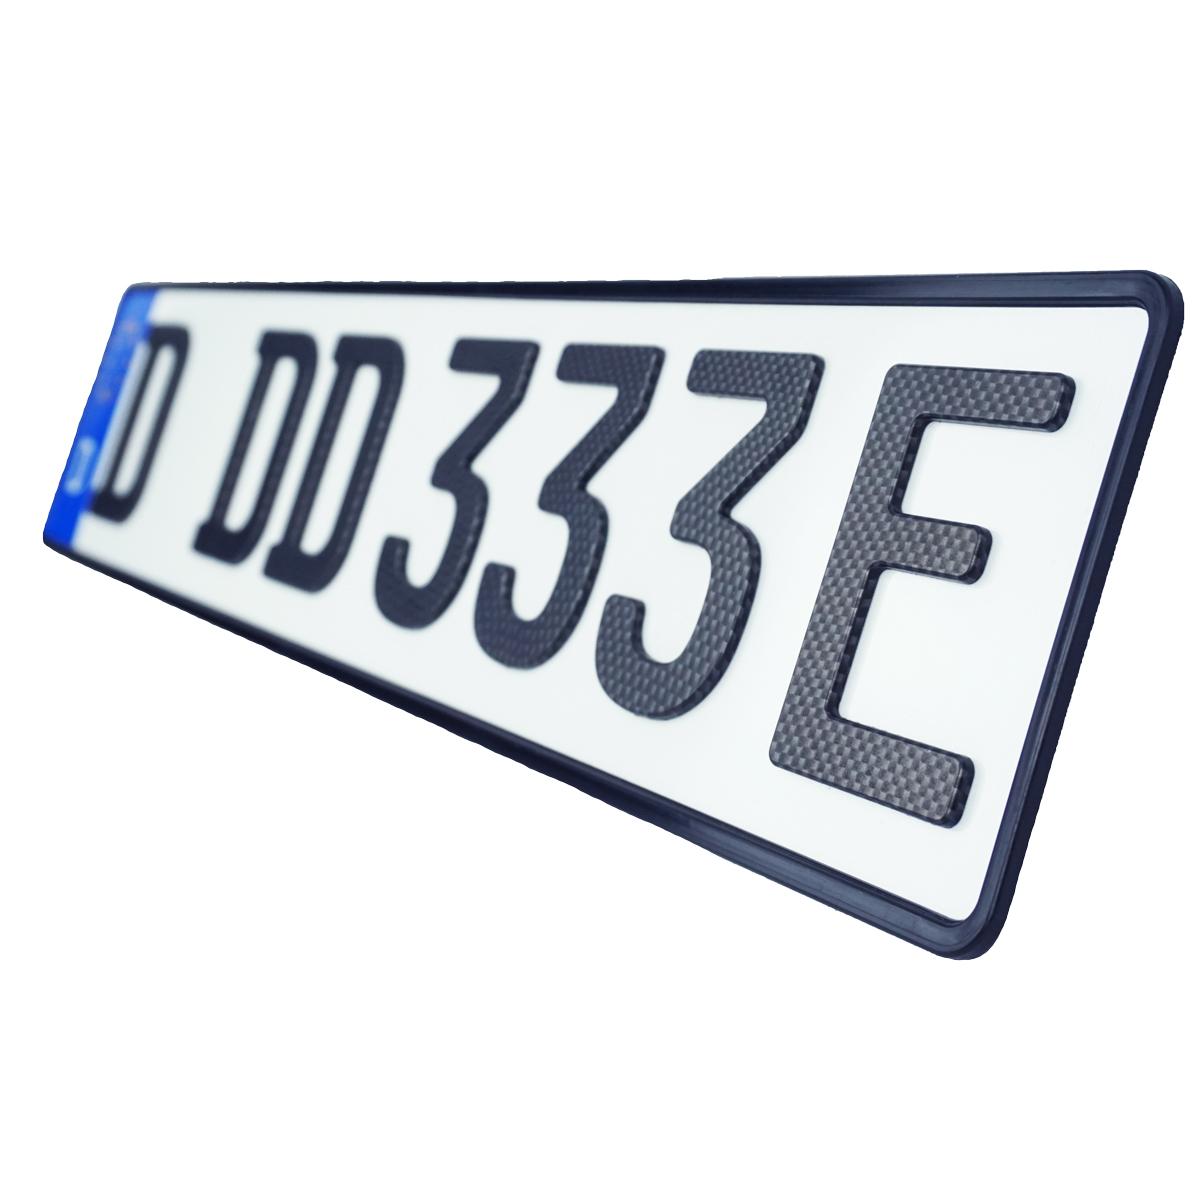 3D E-Kennzeichen Carbonoptik Matt 520 mm